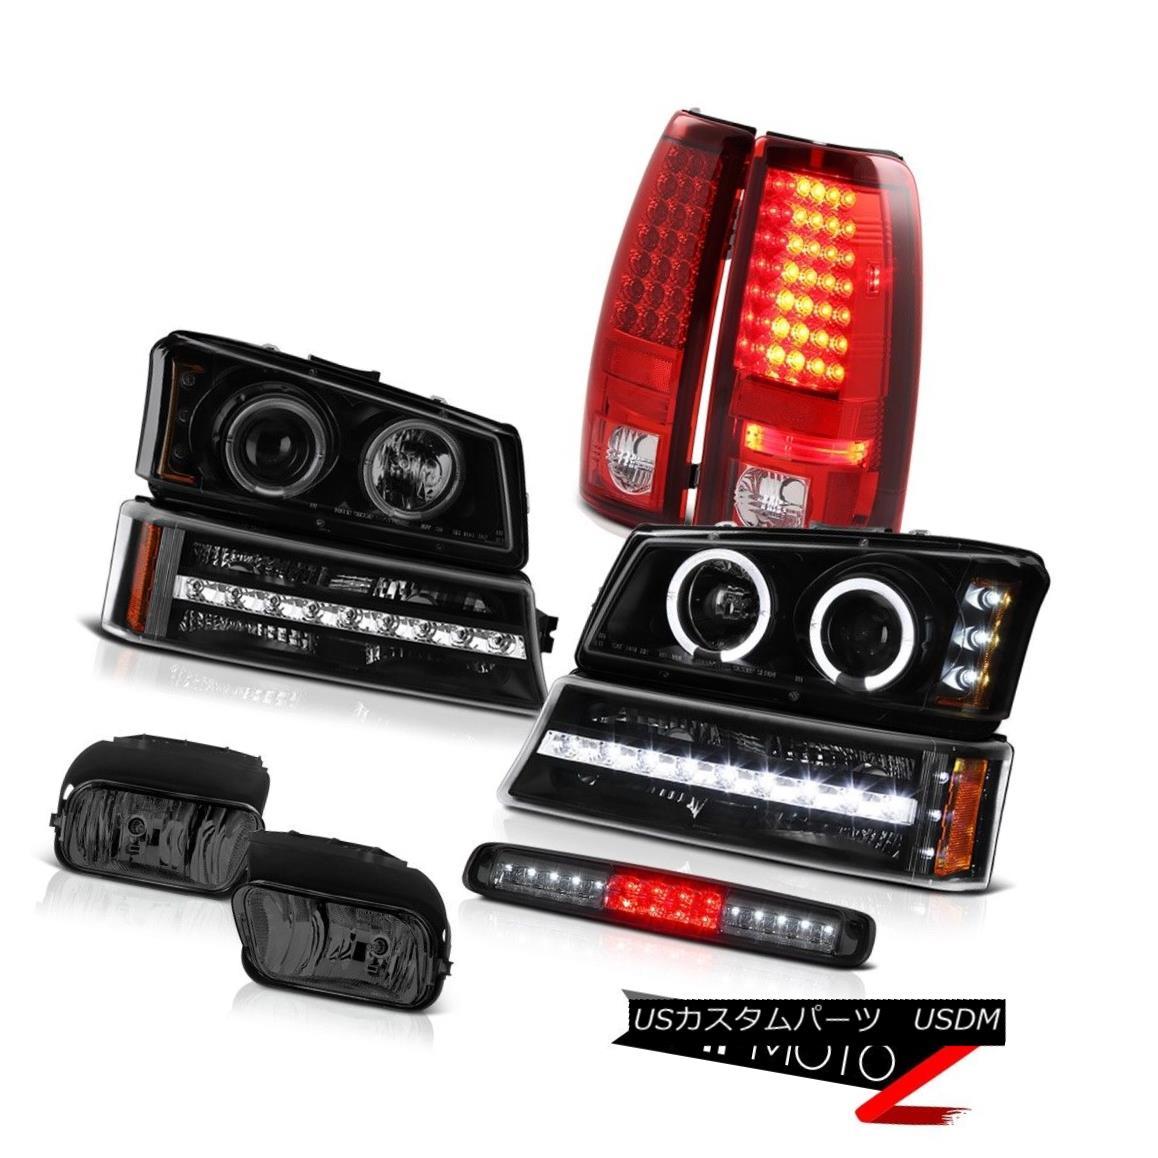 ヘッドライト 03-06 Silverado Foglights Roof Cab Lamp Bumper Headlights Red Clear Taillights 03-06 Silveradoフォグライトルーフキャブランプバンパーヘッドライトレッドクリアテールライト